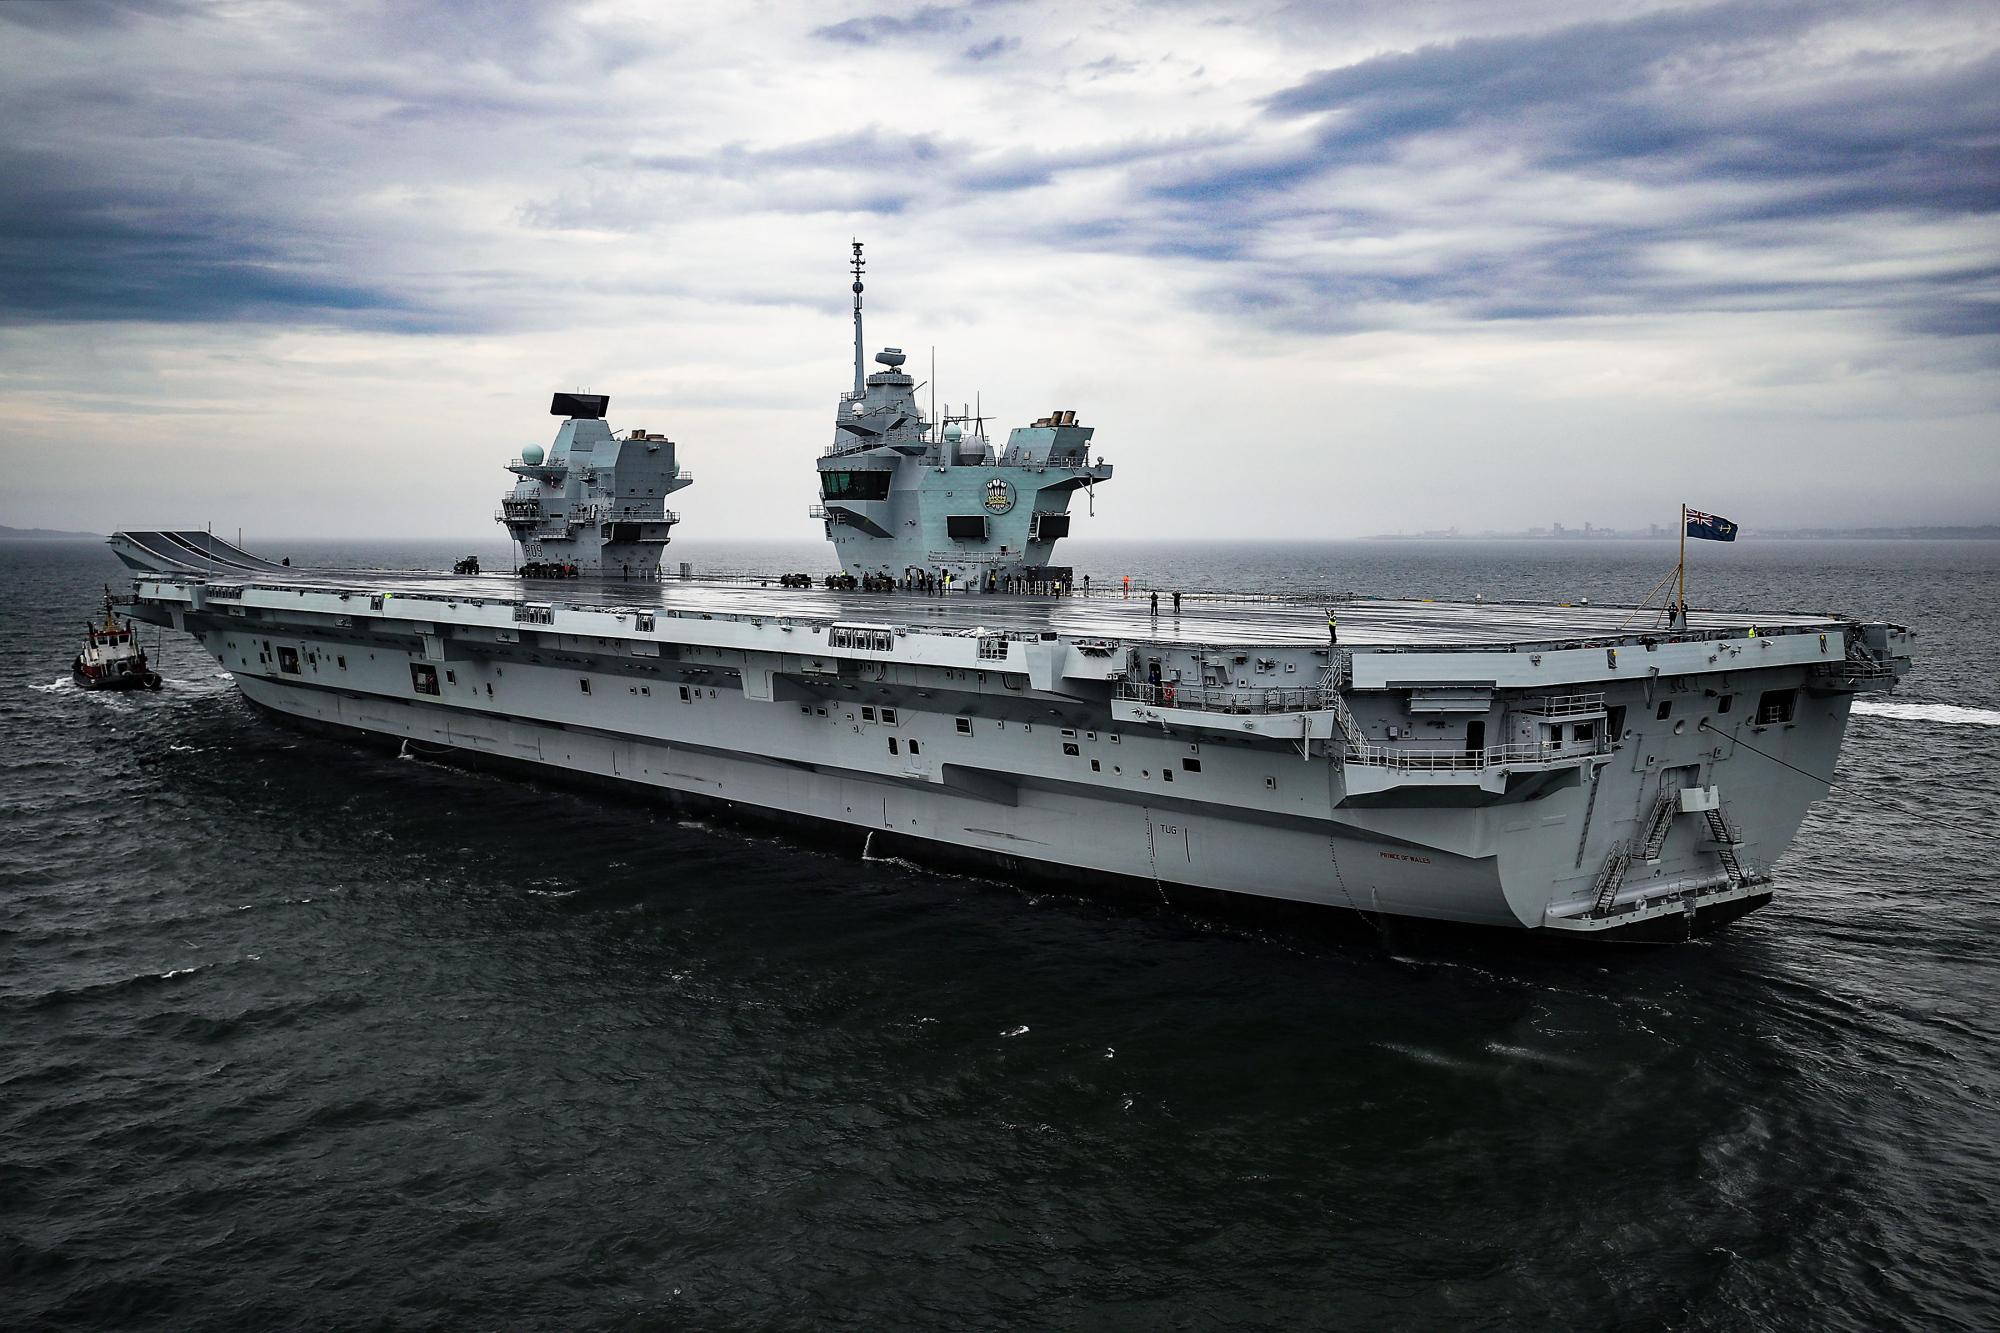 才1个月,英国就被迫退出,双航母国之列,不听张召忠劝谏的后果